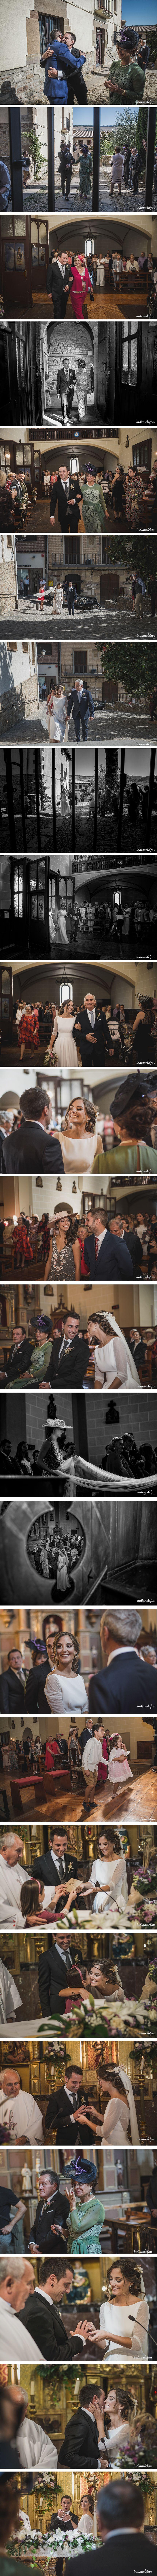 Fotografos de bodas en Navarra